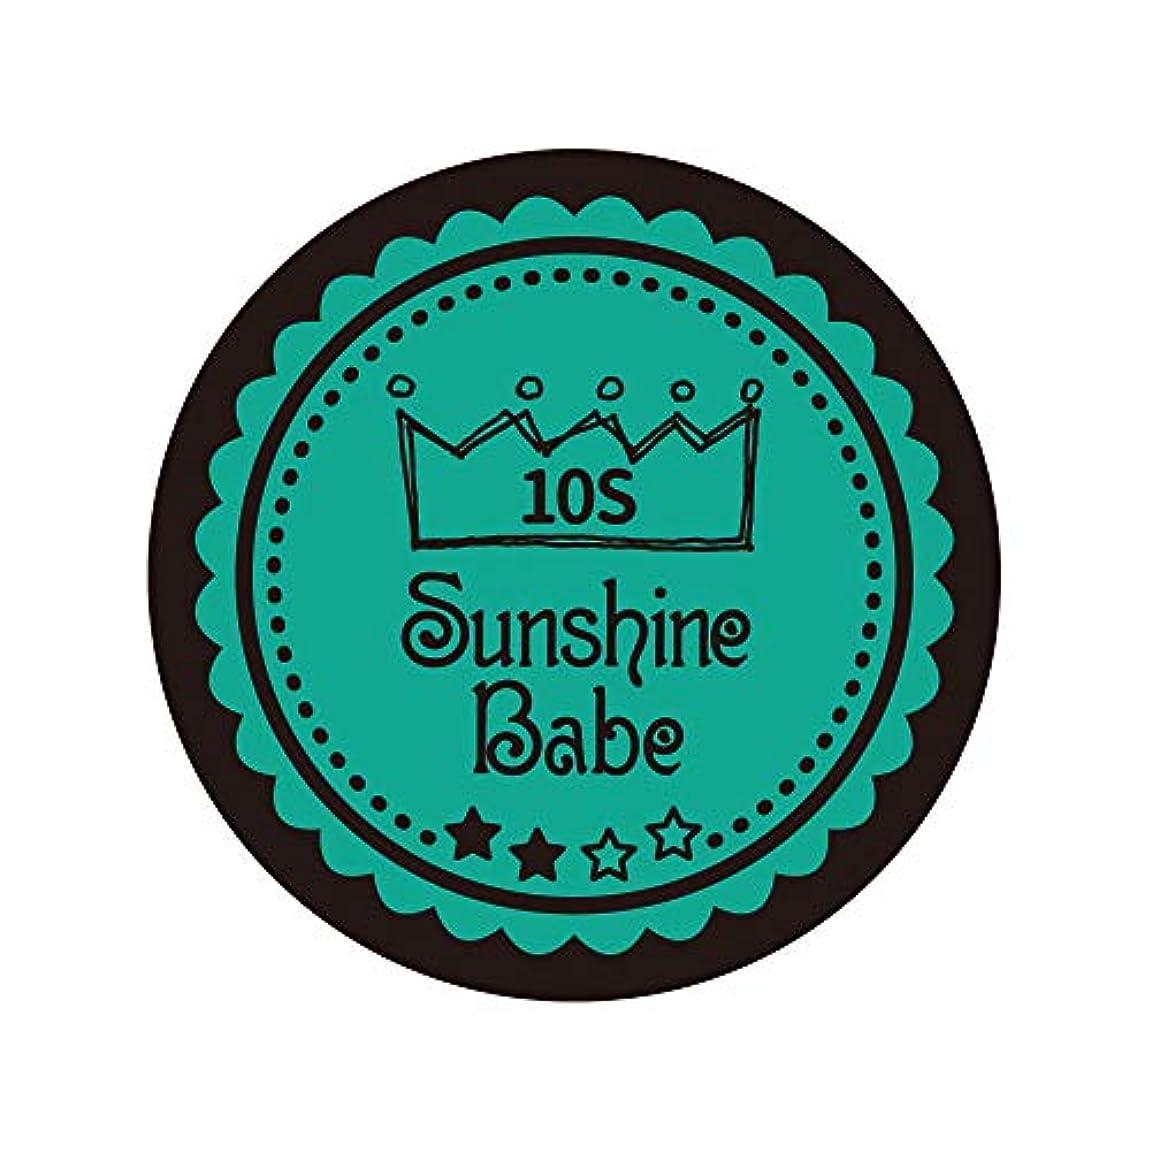 参照する資源薬Sunshine Babe カラージェル 10S アルカディア 2.7g UV/LED対応